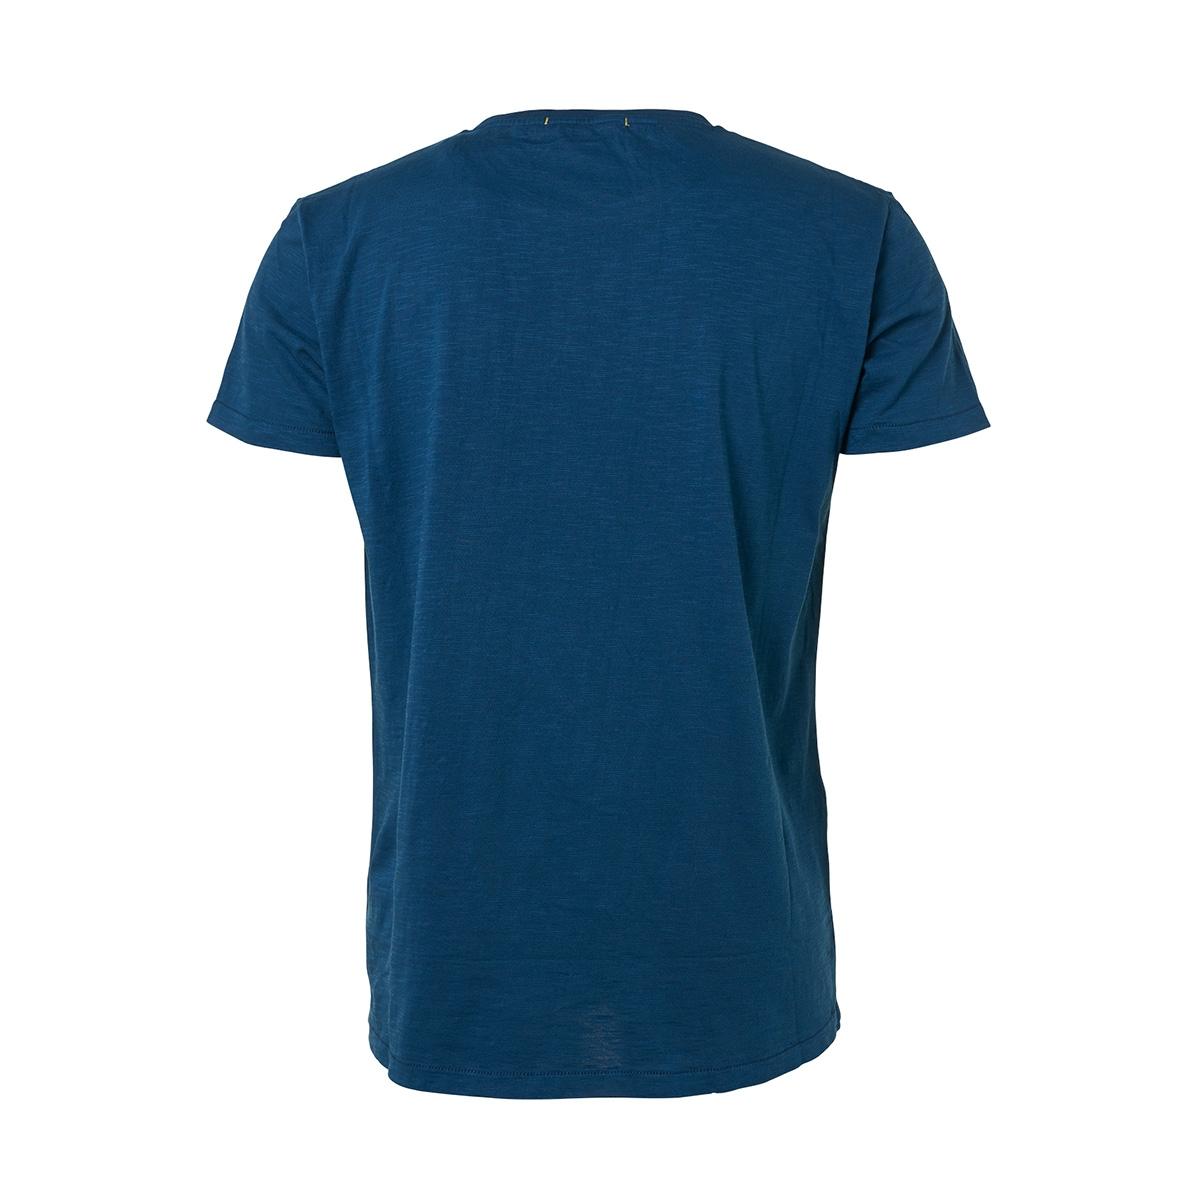 slub jersey t shirt 91350513 no-excess t-shirt 132 shadow blue